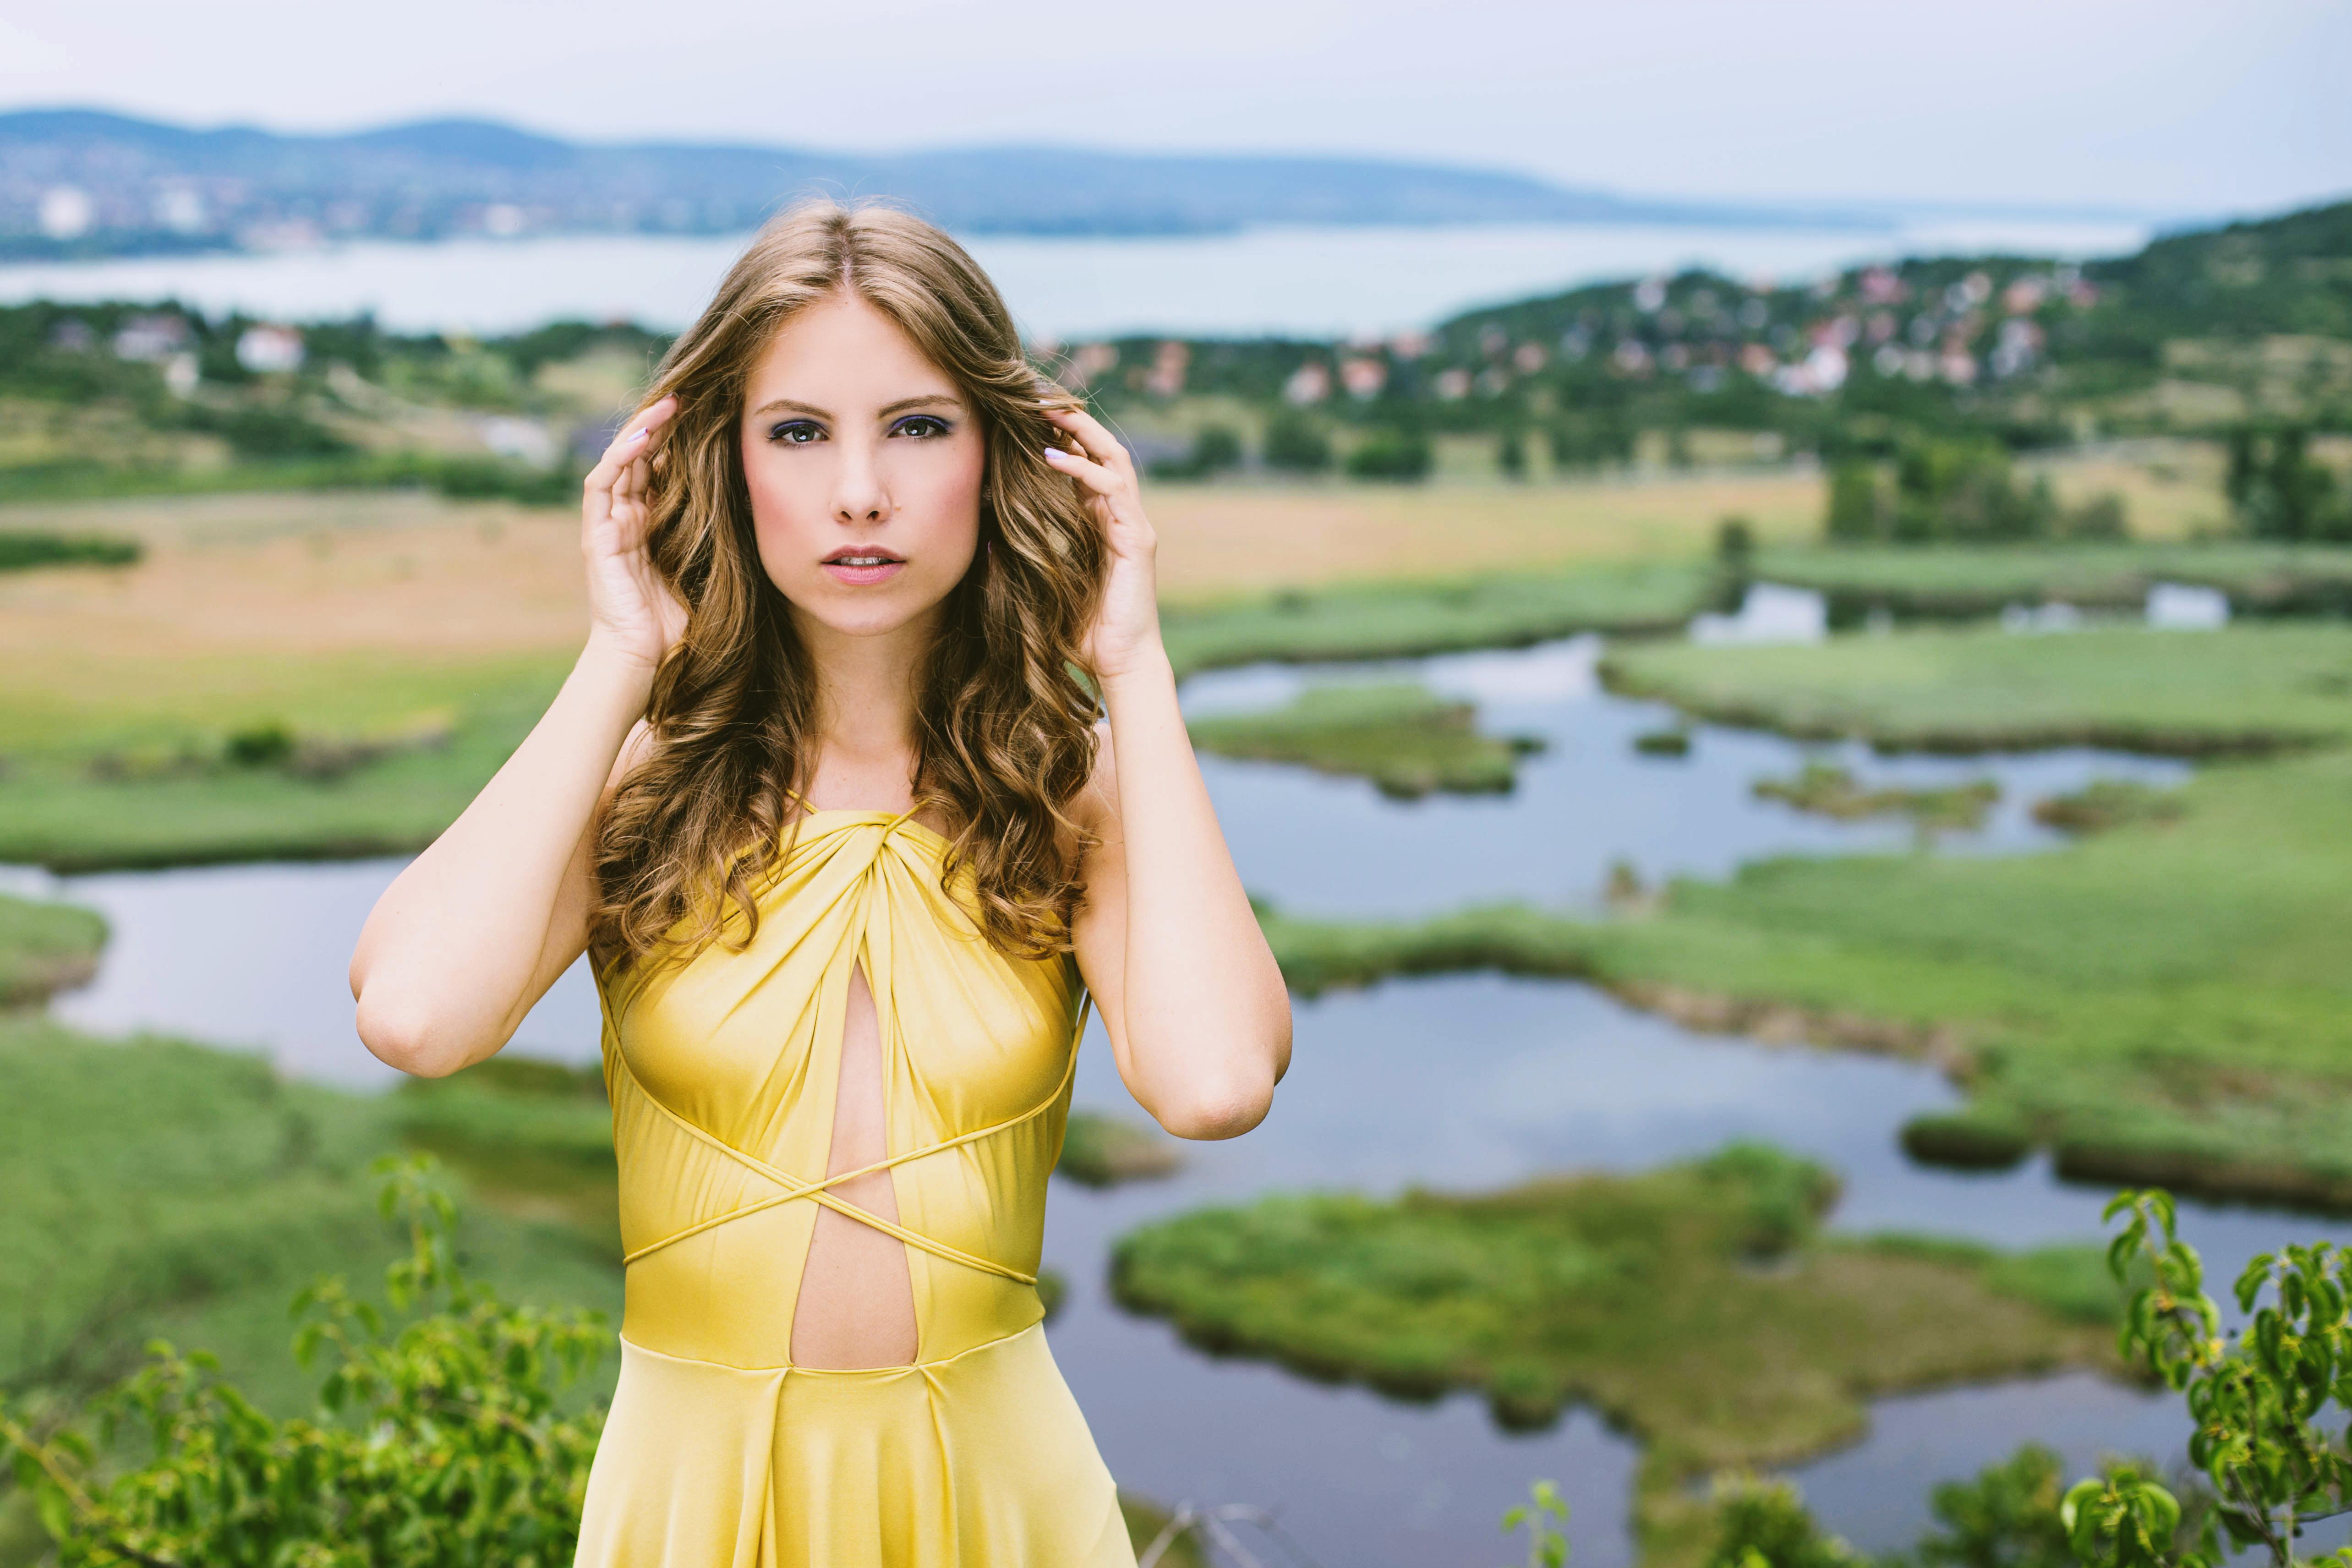 Sárga megkötős ruha: Berbloom